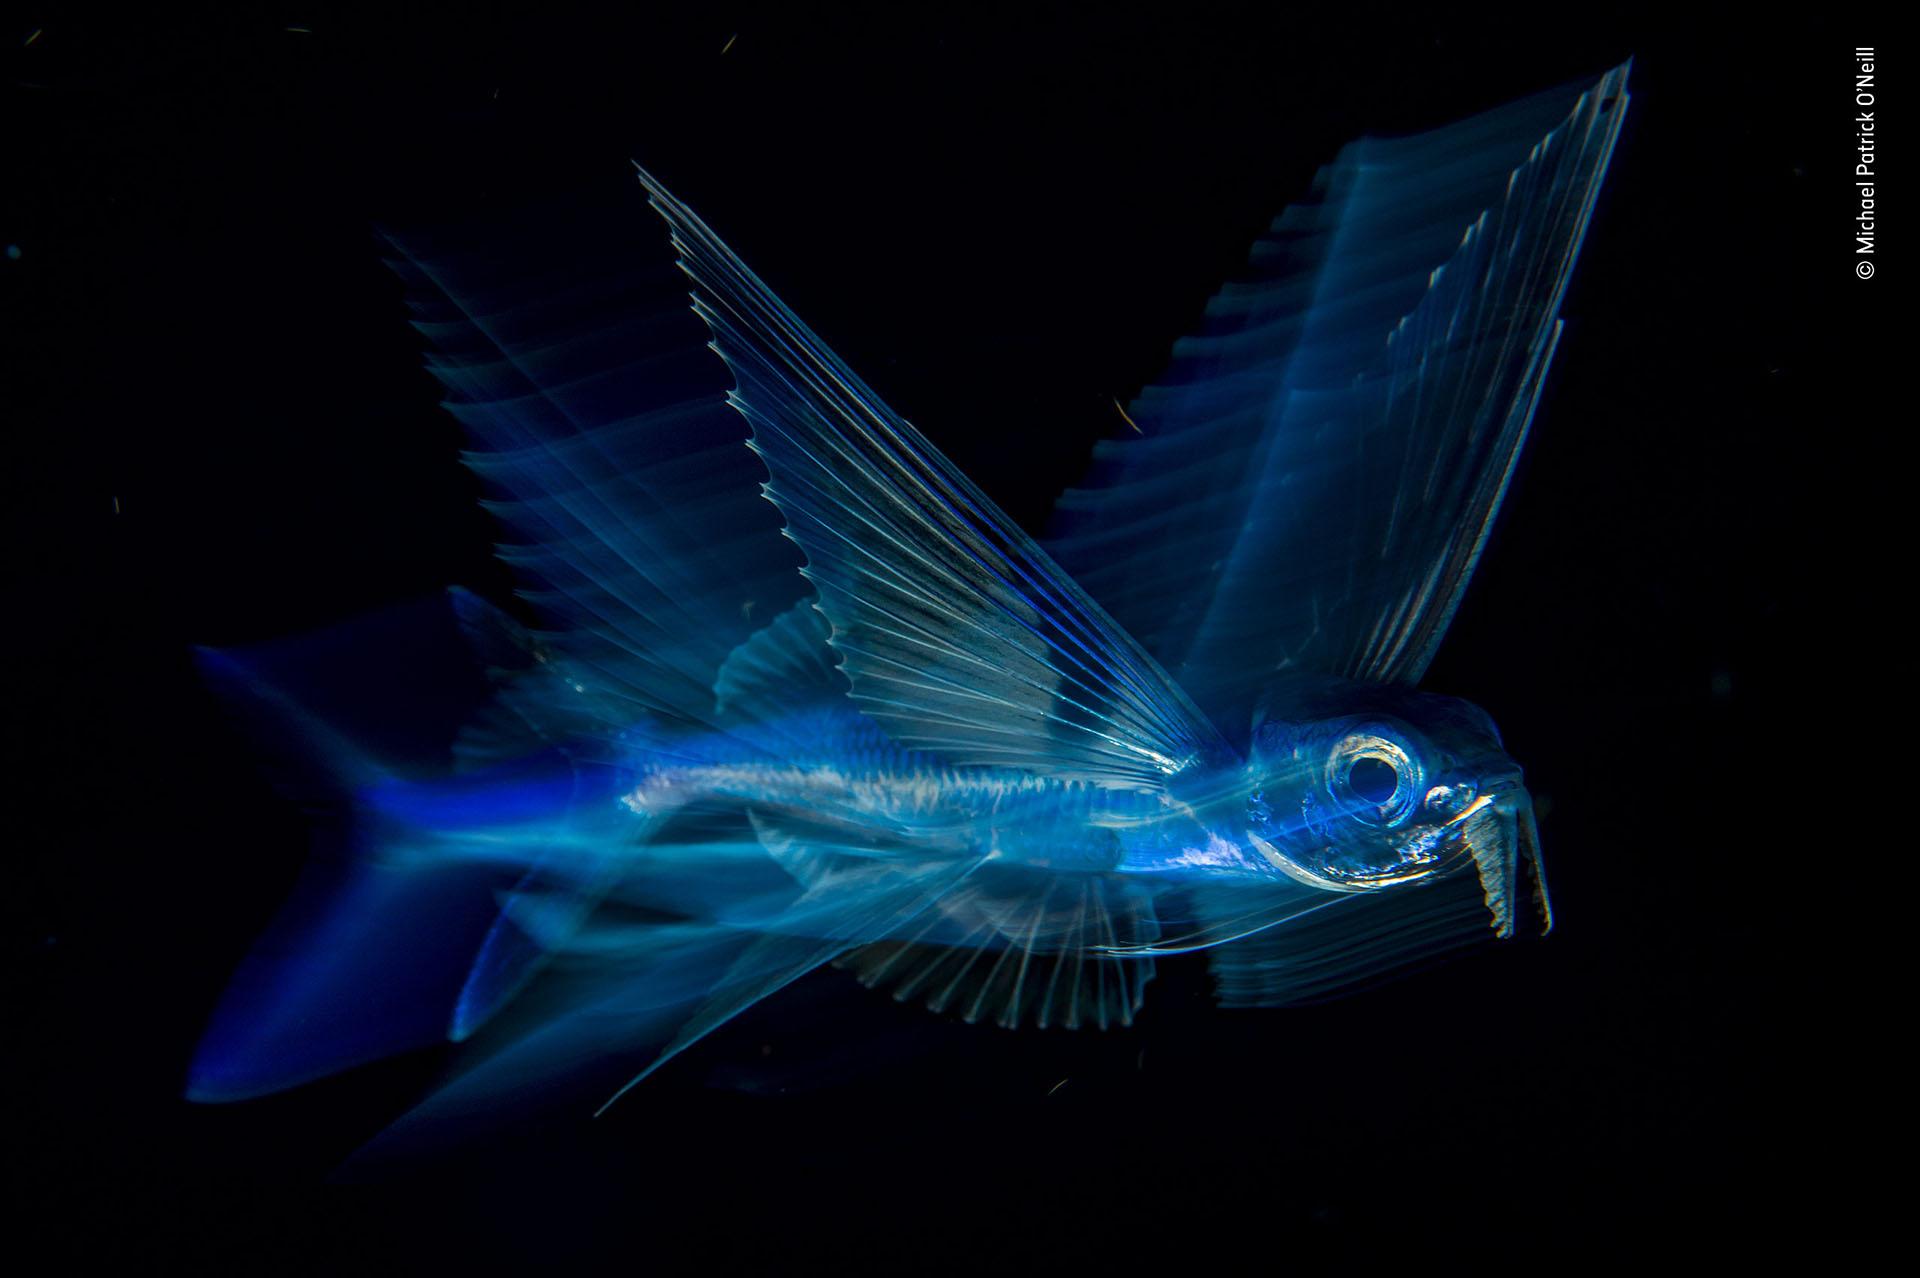 """Michael Patrick O'Neill (EEUU), categoría Bajo agua. """"Vuelo nocturno"""", un pez volador, bajo efecto de movimiento, retratado en Palm Beach, Florida"""